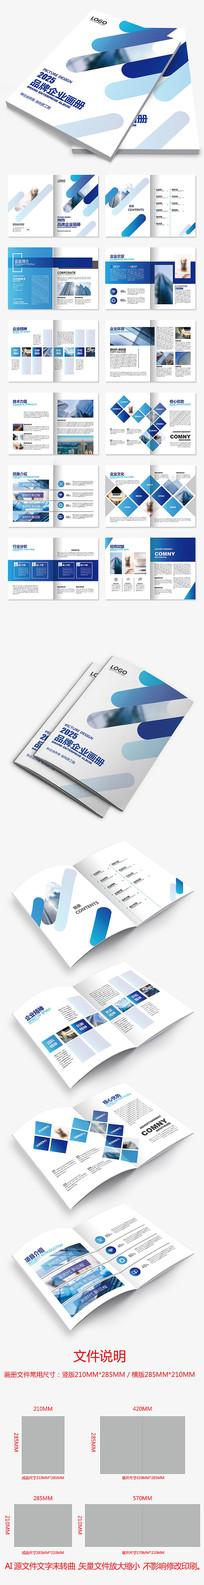 蓝色商务简约公司产品宣传册企业画册设计